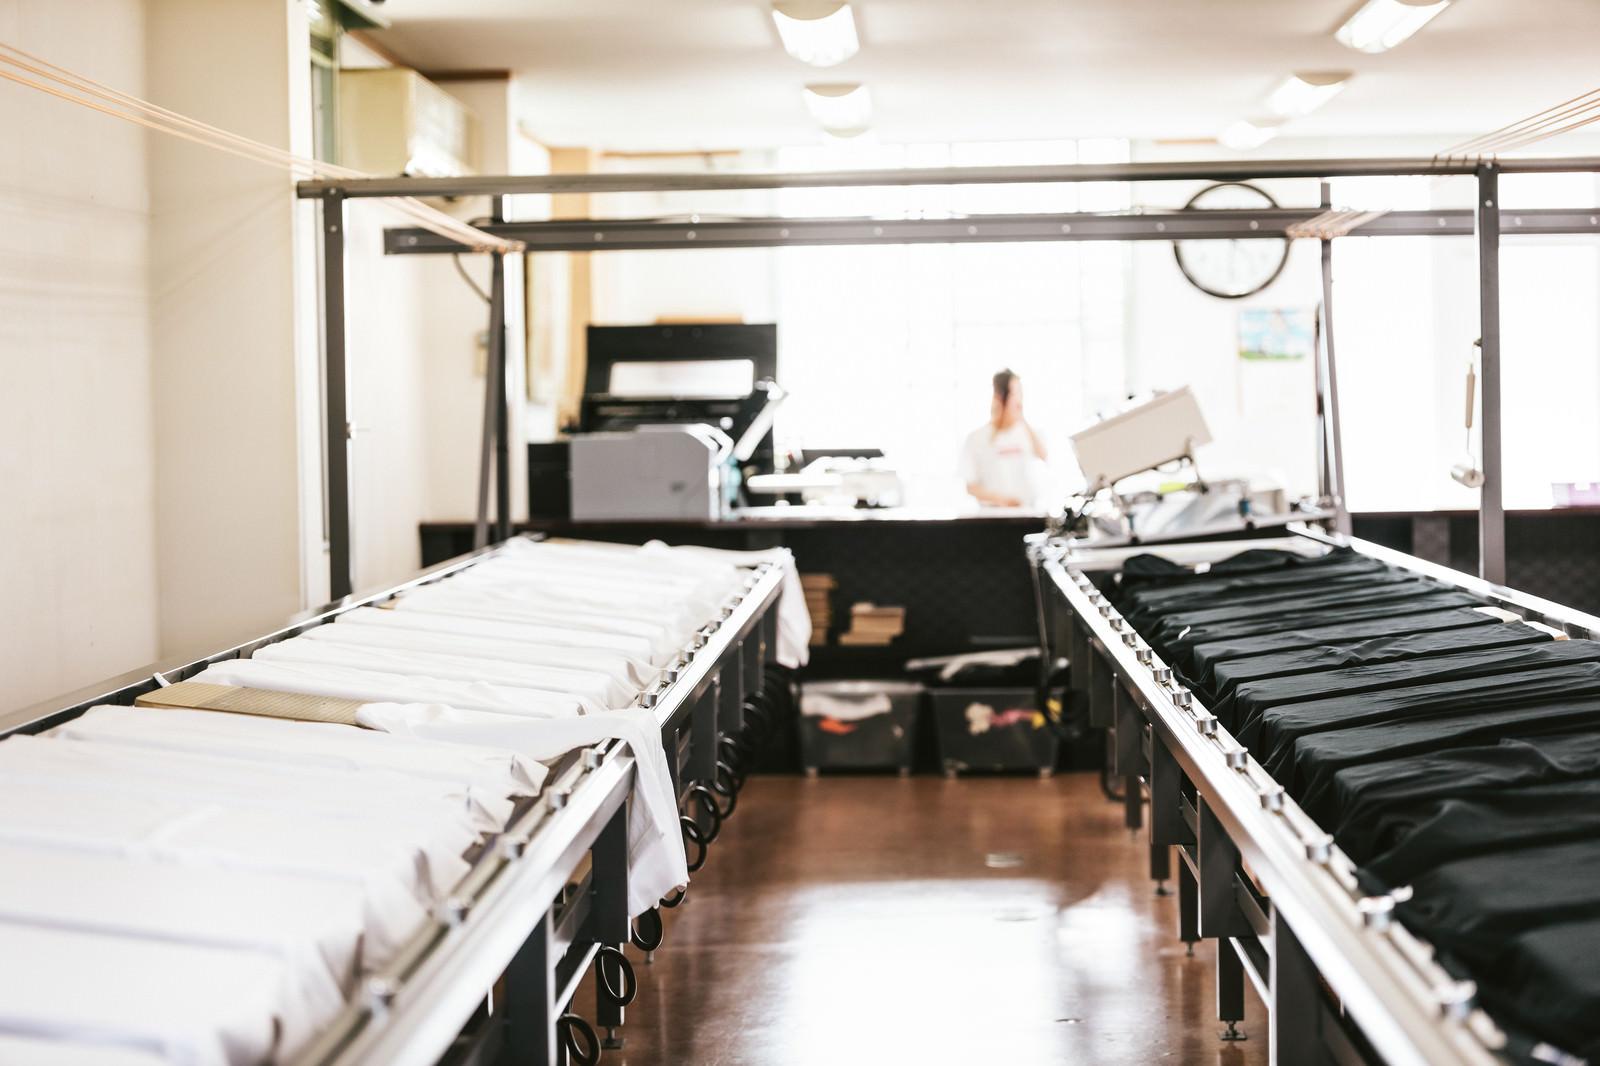 「シルクスクリーン印刷の台に置かれた白黒のティーシャツ」の写真